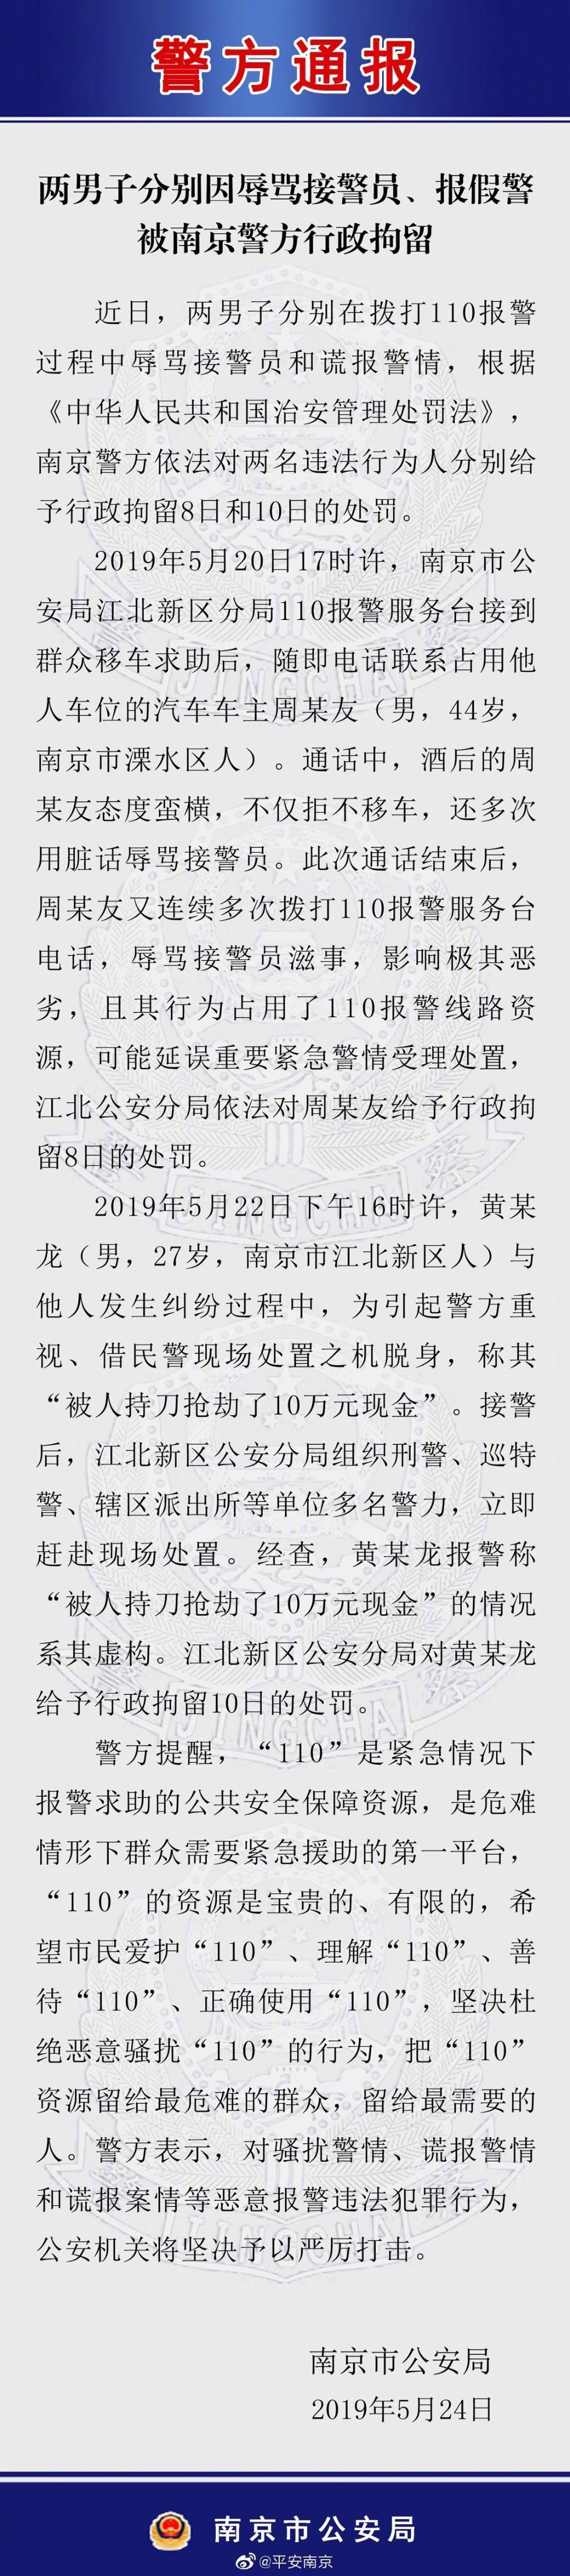 南京两男子分别因辱骂接警员和报假警被警方行政拘留